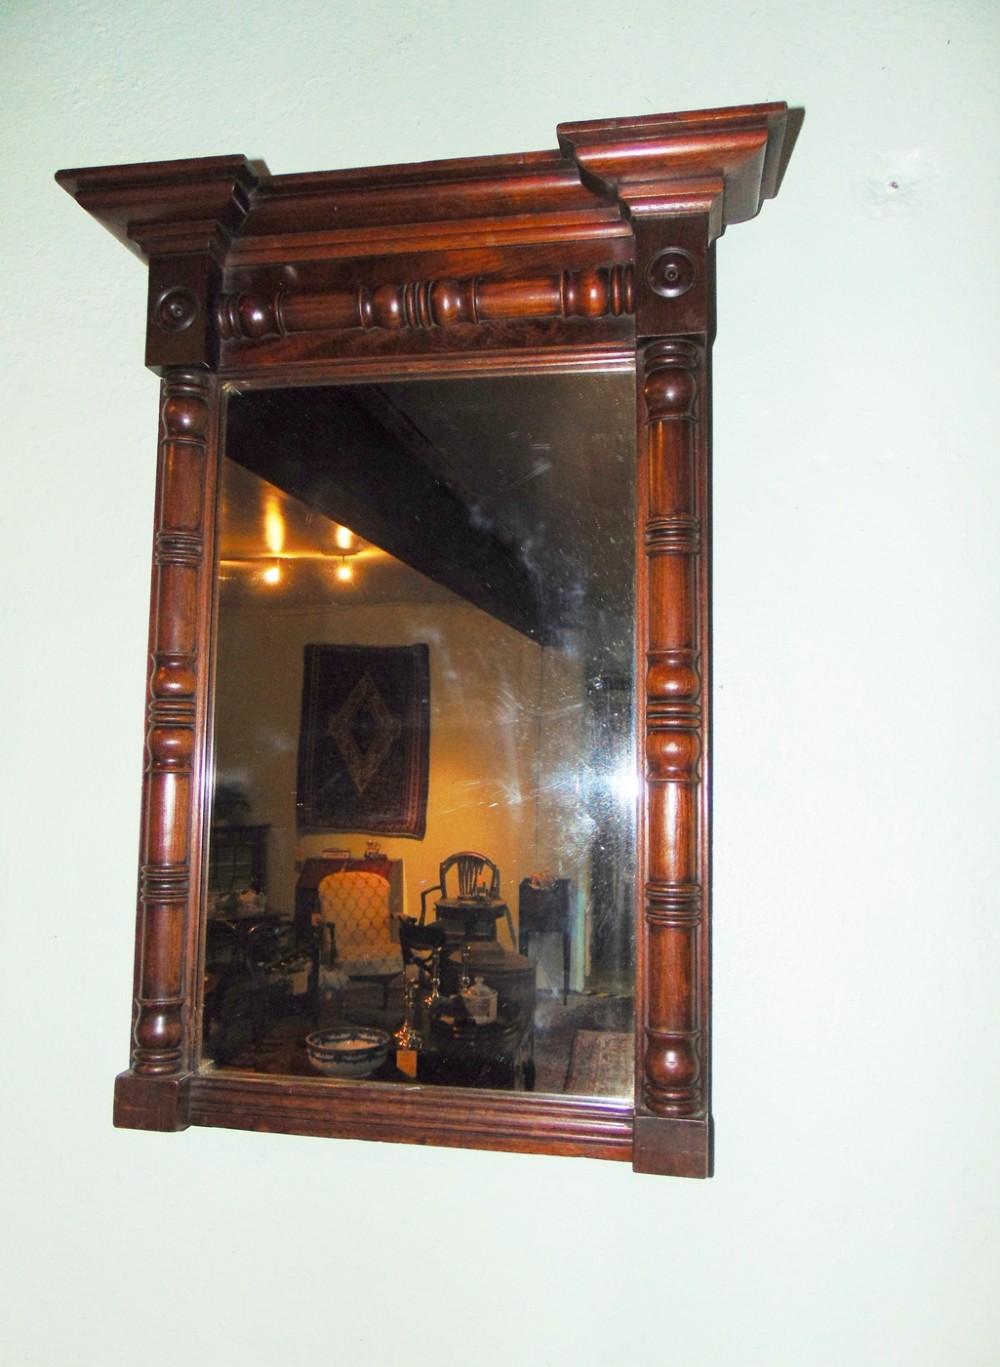 regency mahogany pier mirror circa 1820